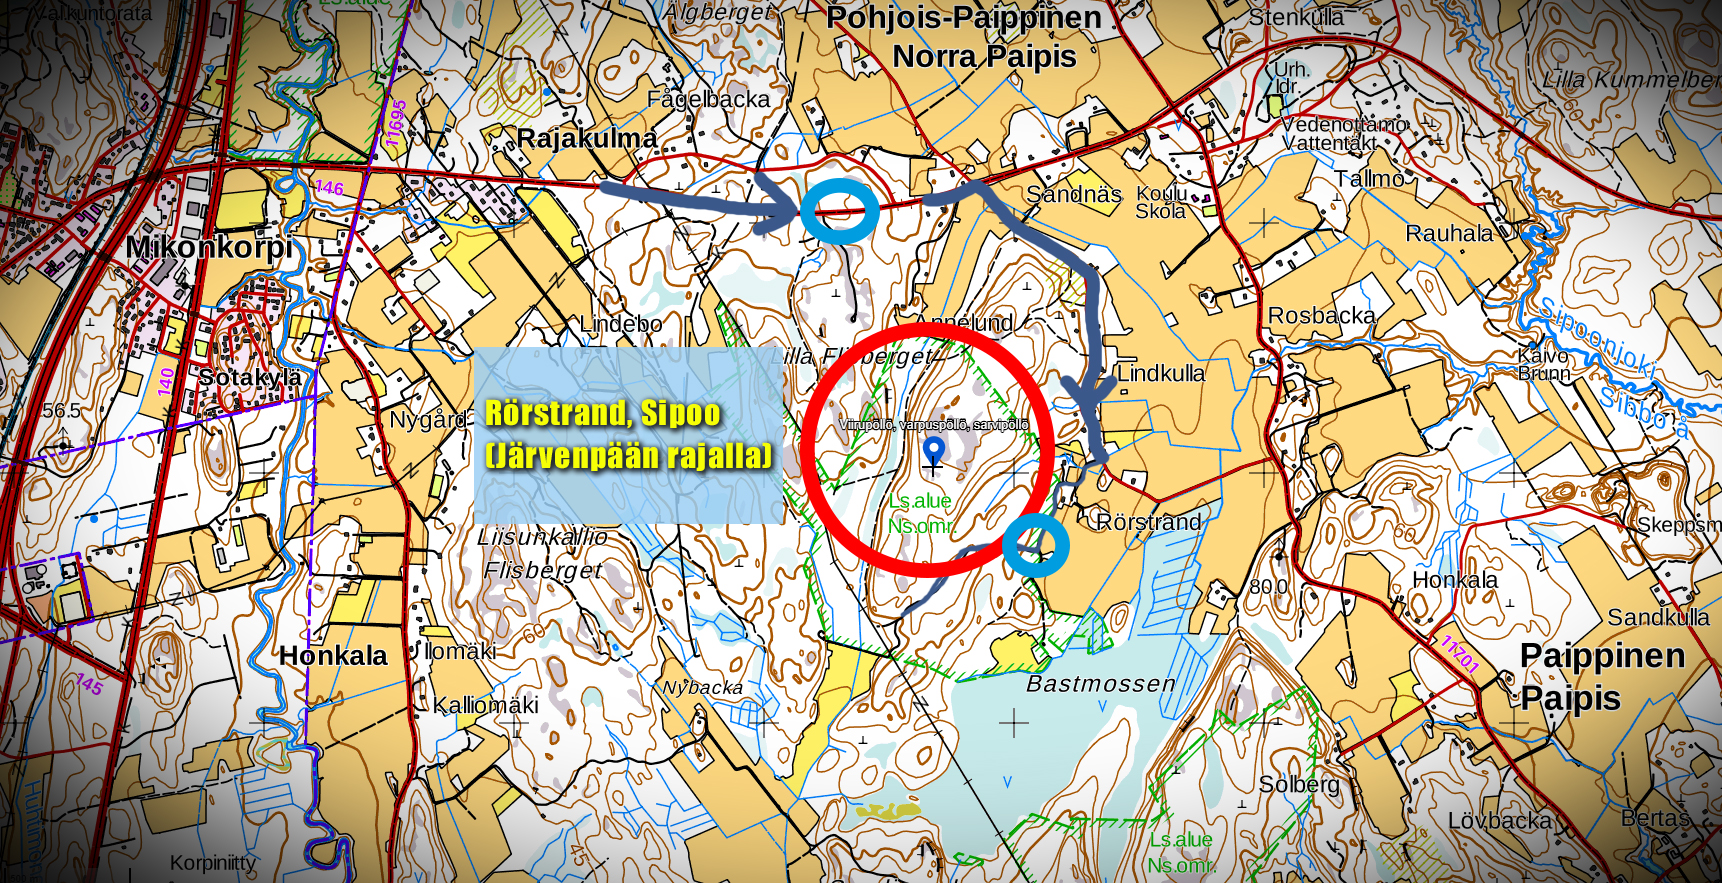 Loistava pöllöjen havainnointialue Sipoon ja Järvenpään rajoilla Rörstrandissa. Siniset pallurat ovat hyviä paikkoja saapua ja kuunnella lintuja. Ylemmällä pisteellä on paljon liikennettä, alempi sijaitsee paikassa, jonne pääsy mahdollista vain jalan tai polkupyörällä. Mosantie on pieni, kapea hiekkatie joka kulkee yksityisten tonttien ohi ja läpi, joten jos menette liikkumaan alueelle, olkaa kohteliaita ja varovaisia, älkää liikkuko yksityisten pihamailla, älkääkä jättäkö autoja esteiksi. (Kuvan kartta: maanmittauslaitos, kansalaisen karttapaikka, linkki karttaan alla)